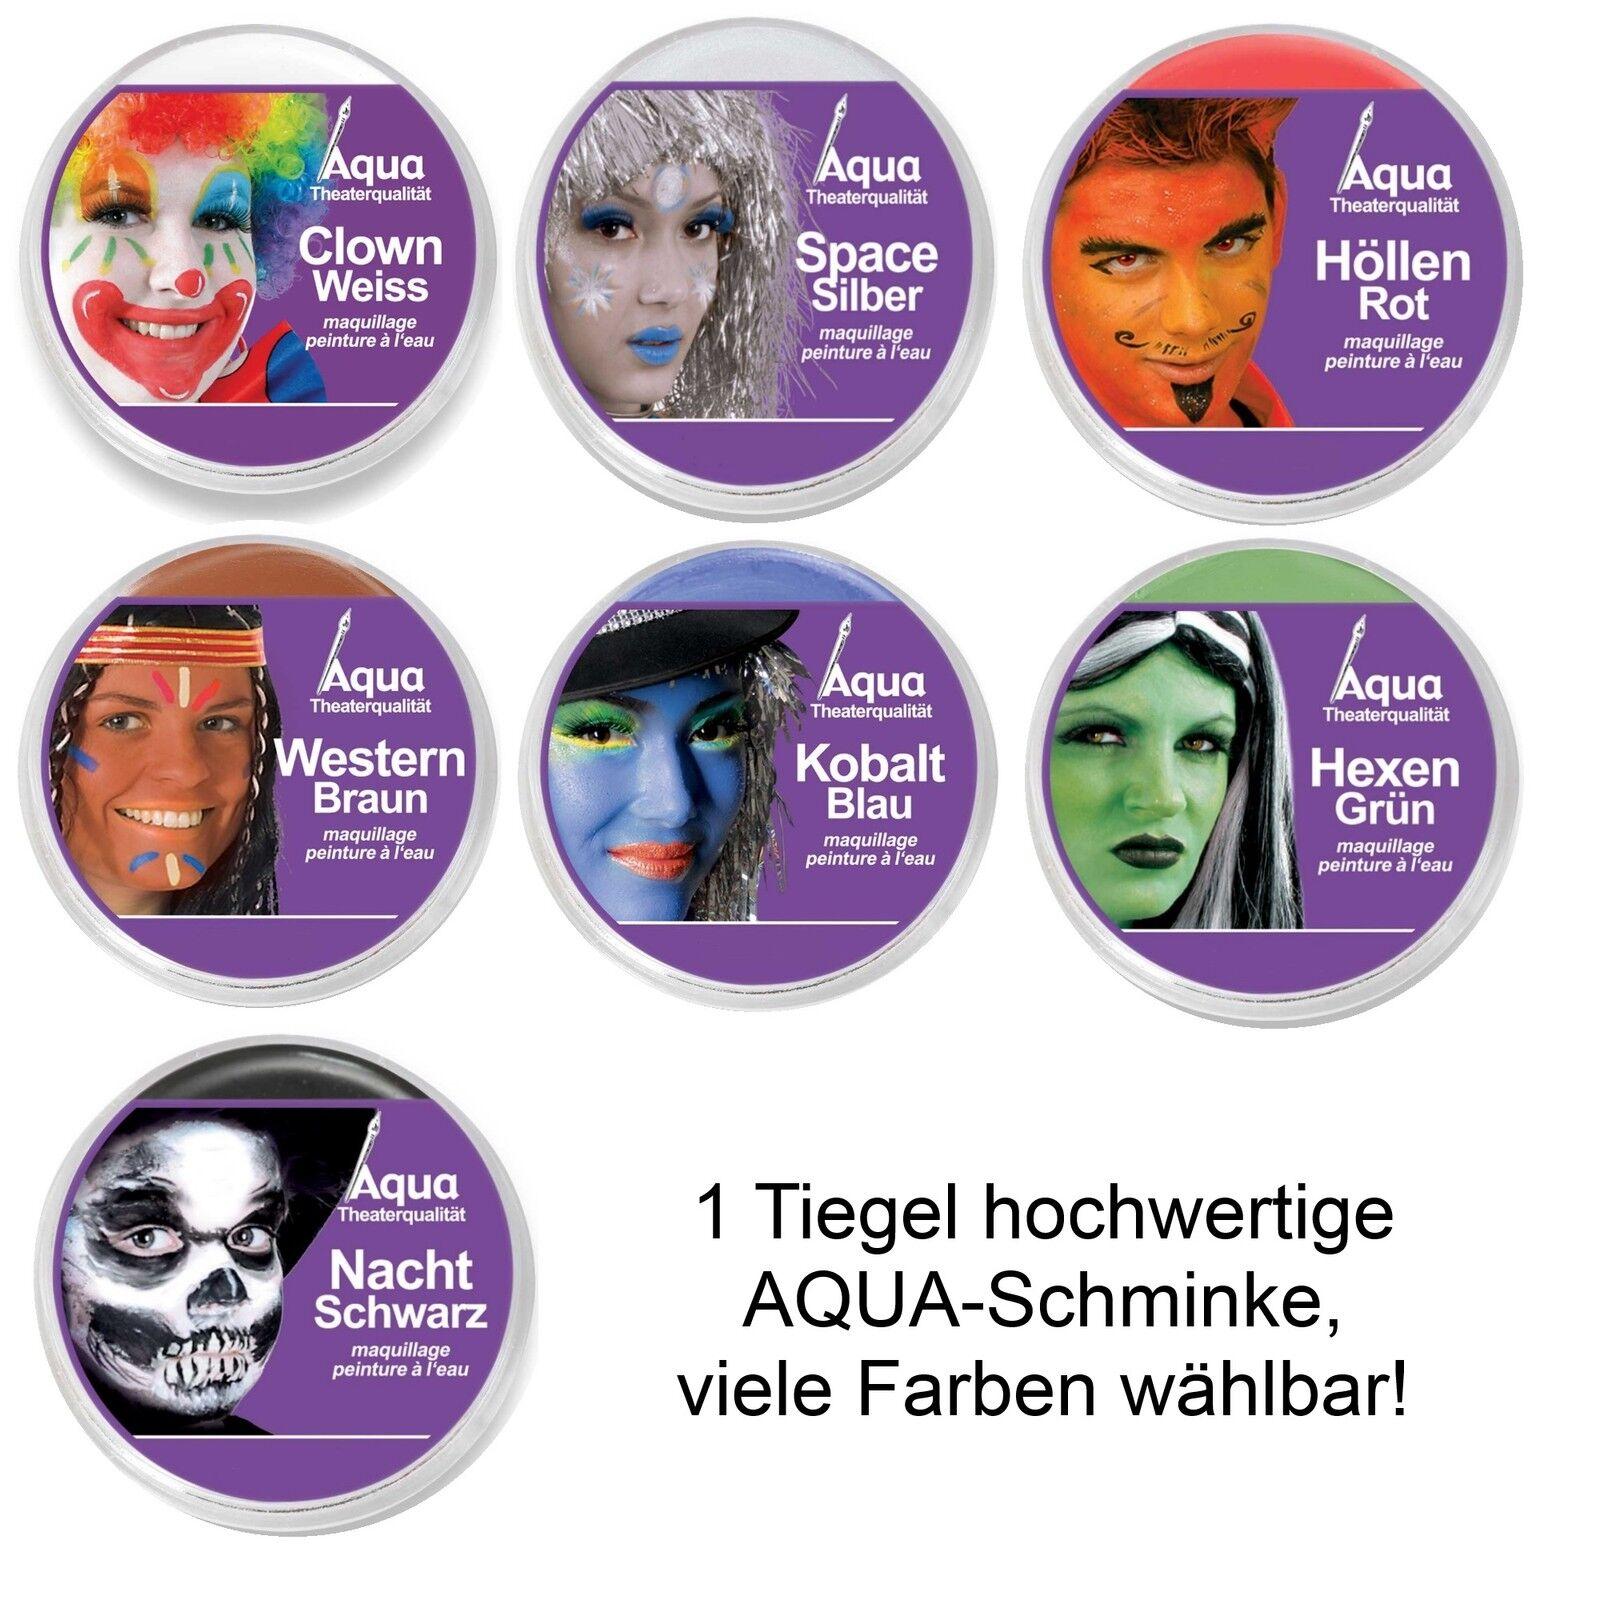 Theaterschminke Aqua Wasserfarben Schminke Kinderschminke Aquaschminke Tiegel